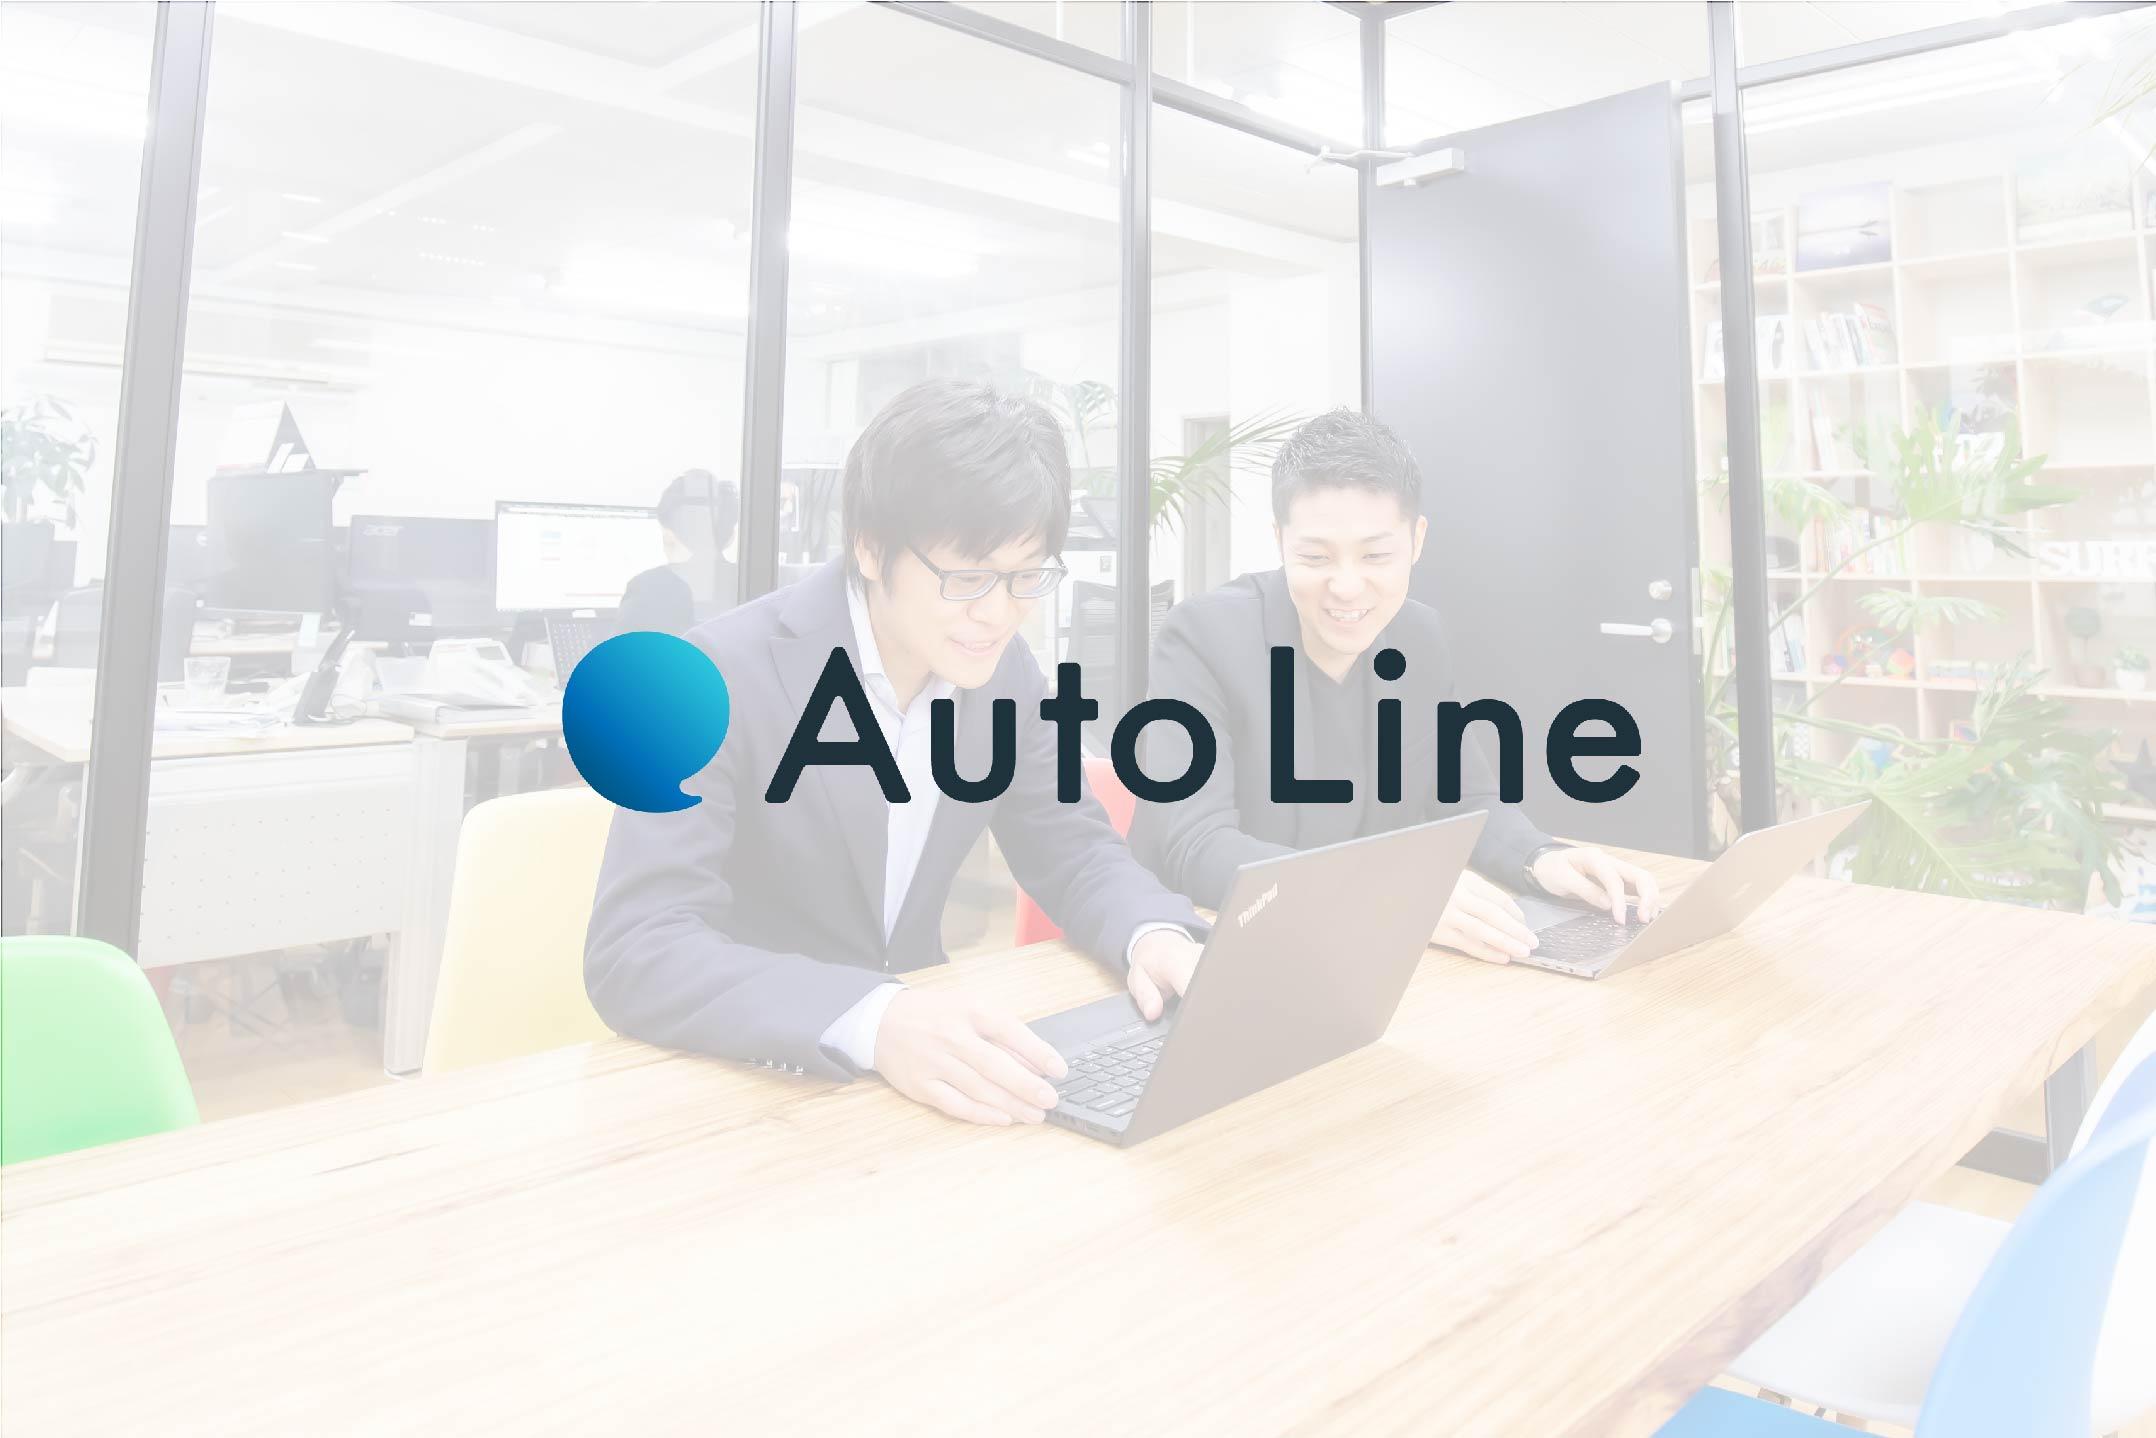 【ポテンシャル採用】Rubyエンジニア(AutoLine事業or新規事業)